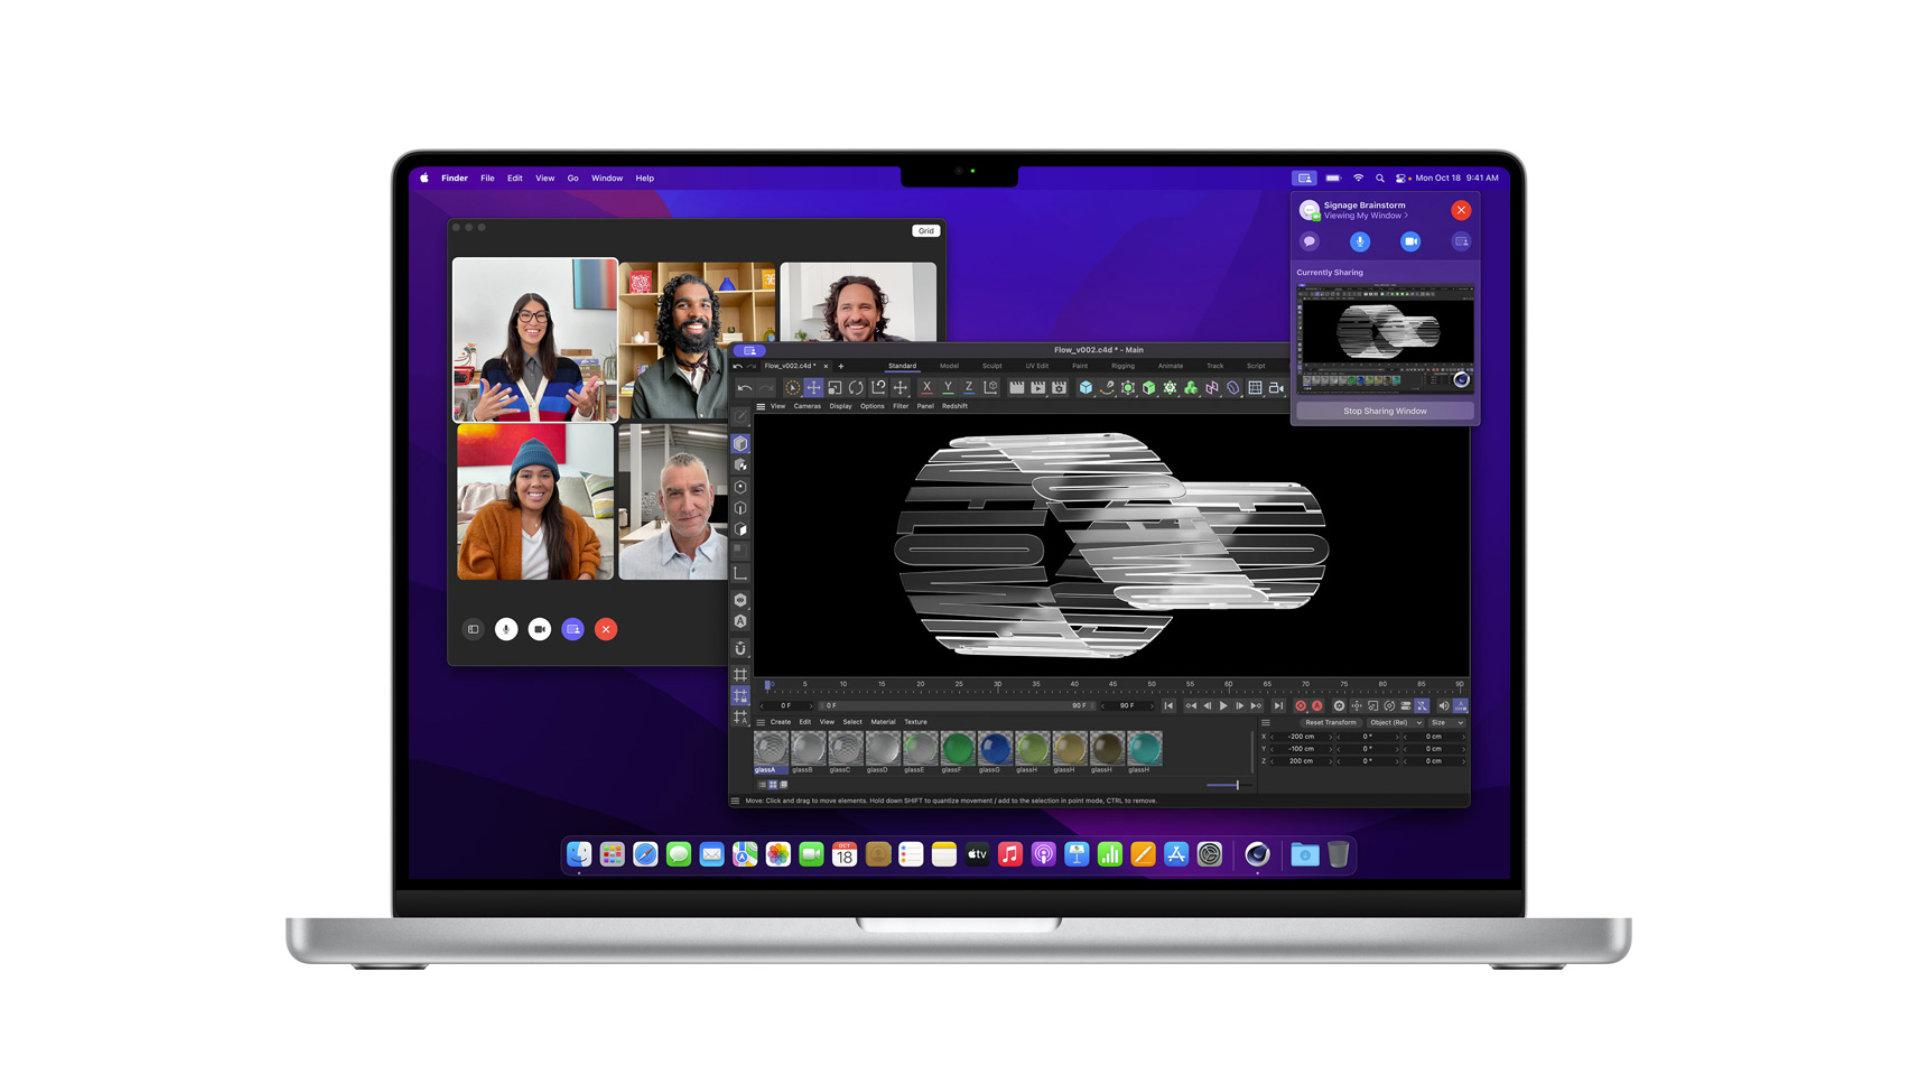 Apple veut s'assurer que le notch des MacBook Pro 2021 ne pose pas problème pour les apps